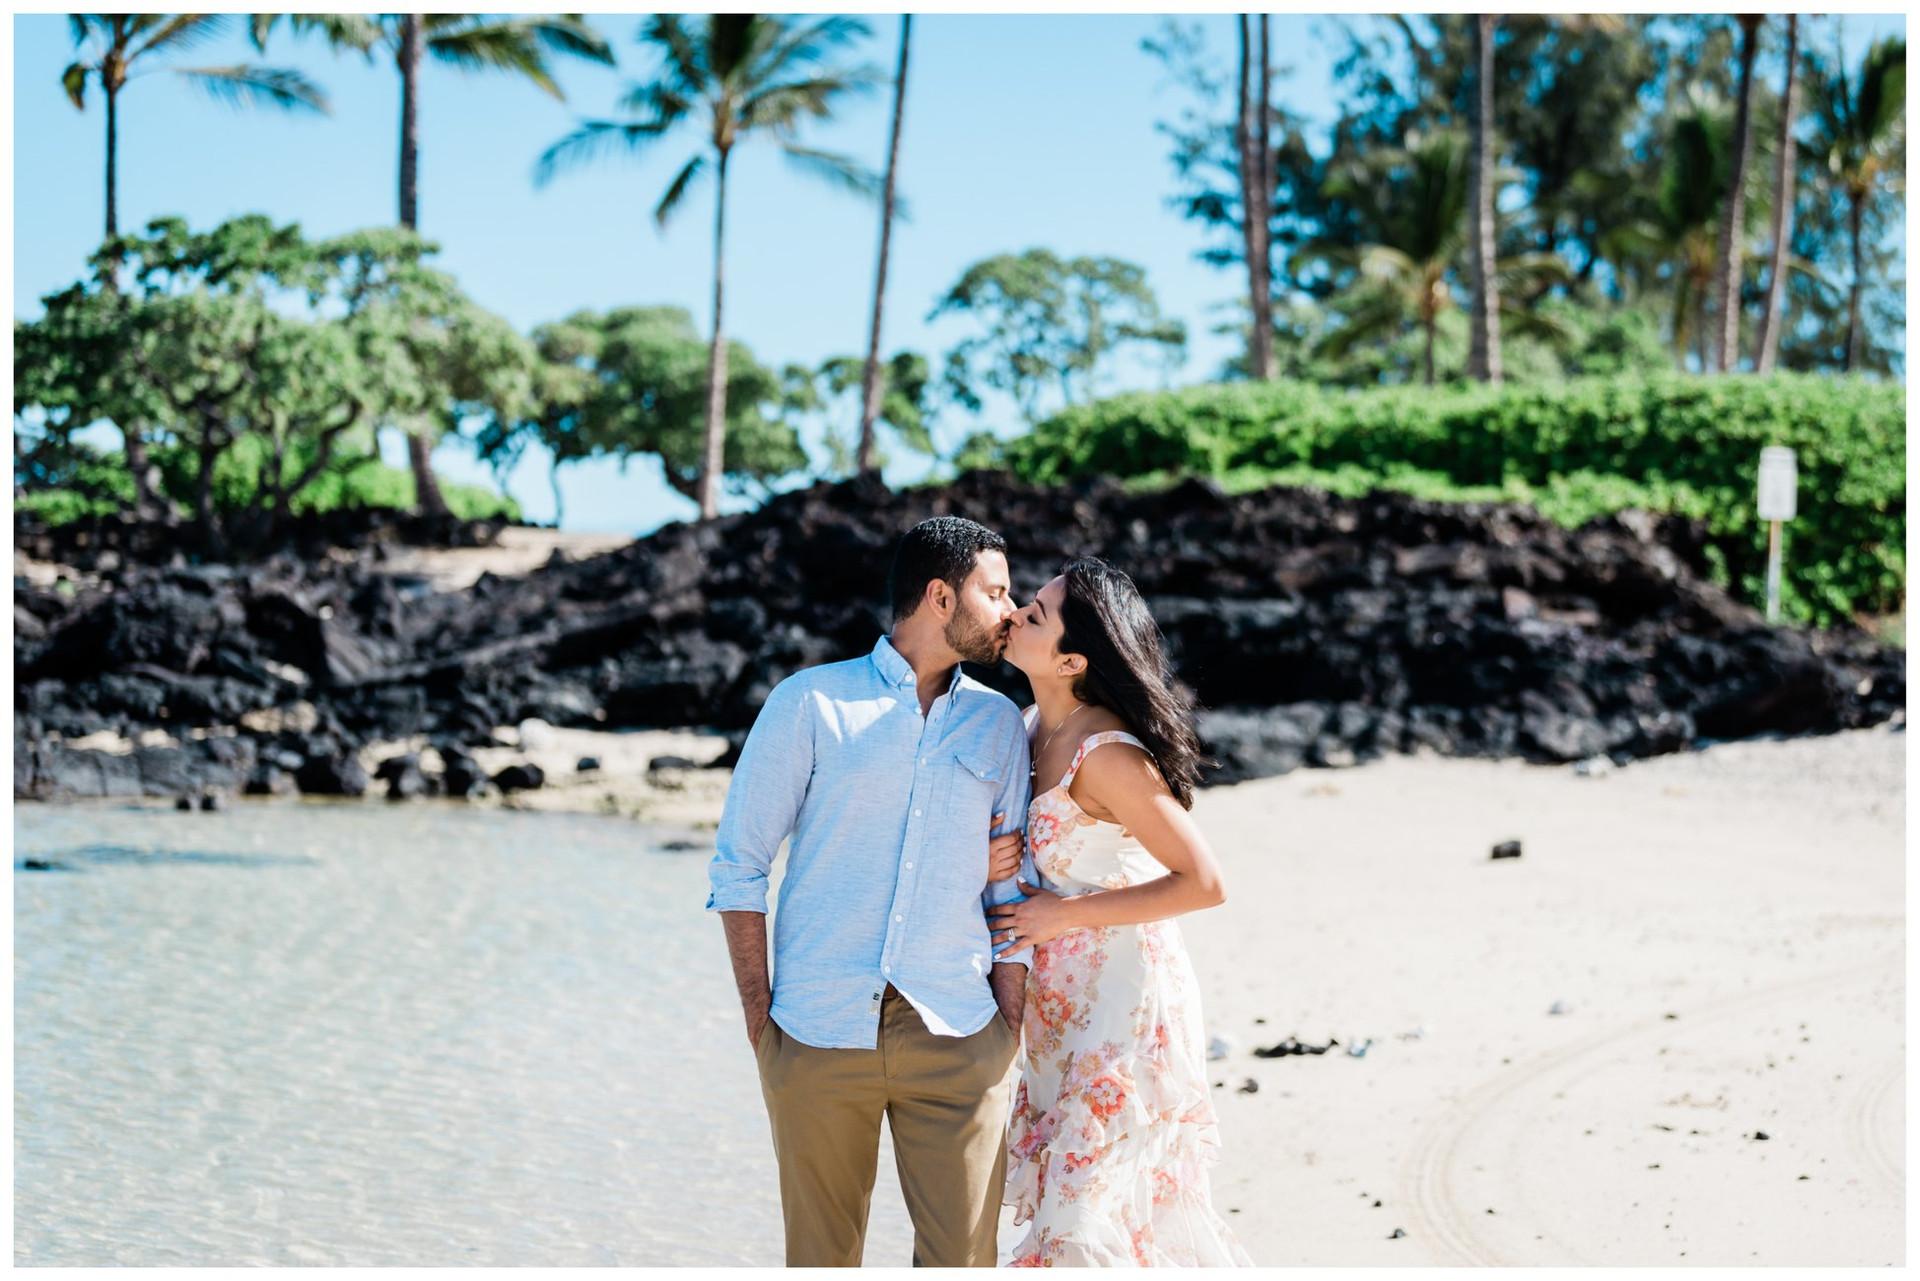 Hawaii Honeymoon photographers 1.jpg